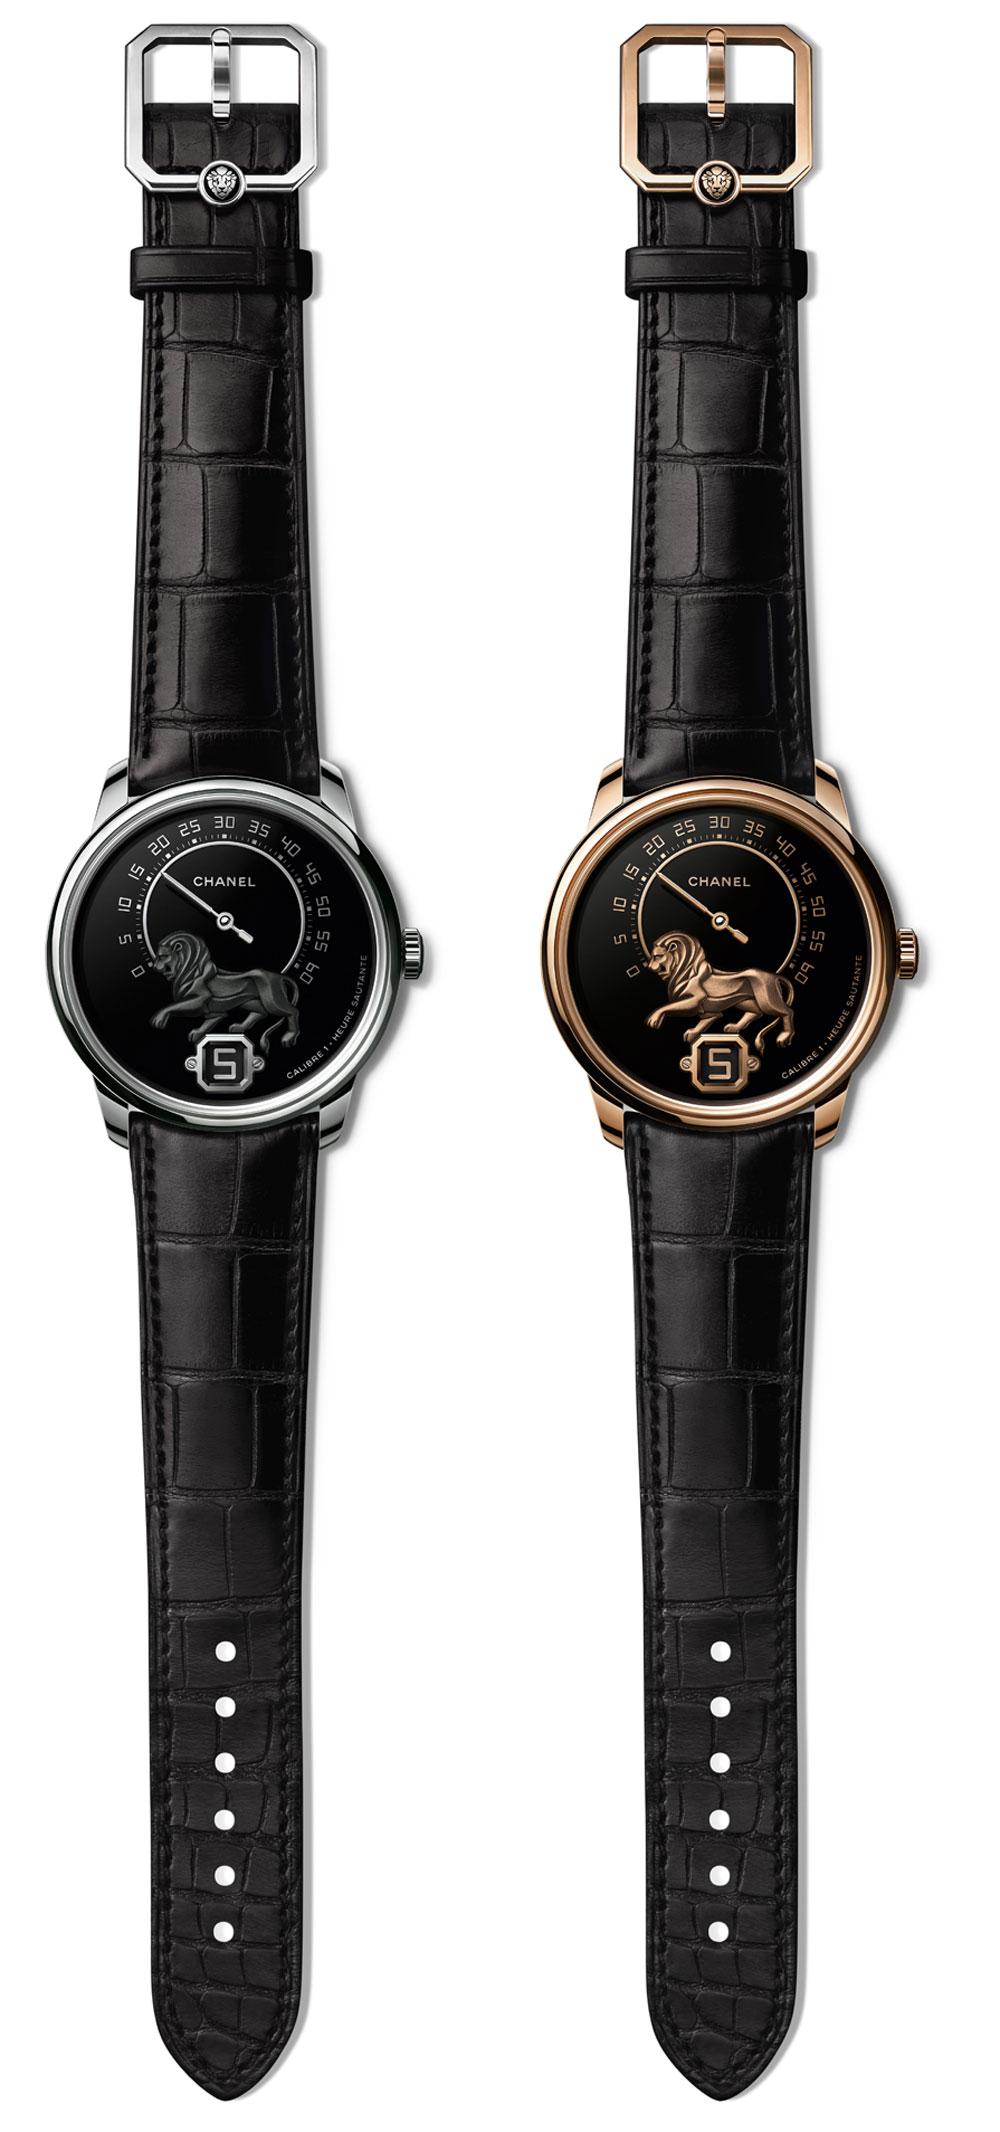 Relojes de pulsera Monsieur de Chanel con caja en oro beige y en oro blanco, los dos relojes en edición limitada de solo 20 ejemplares.